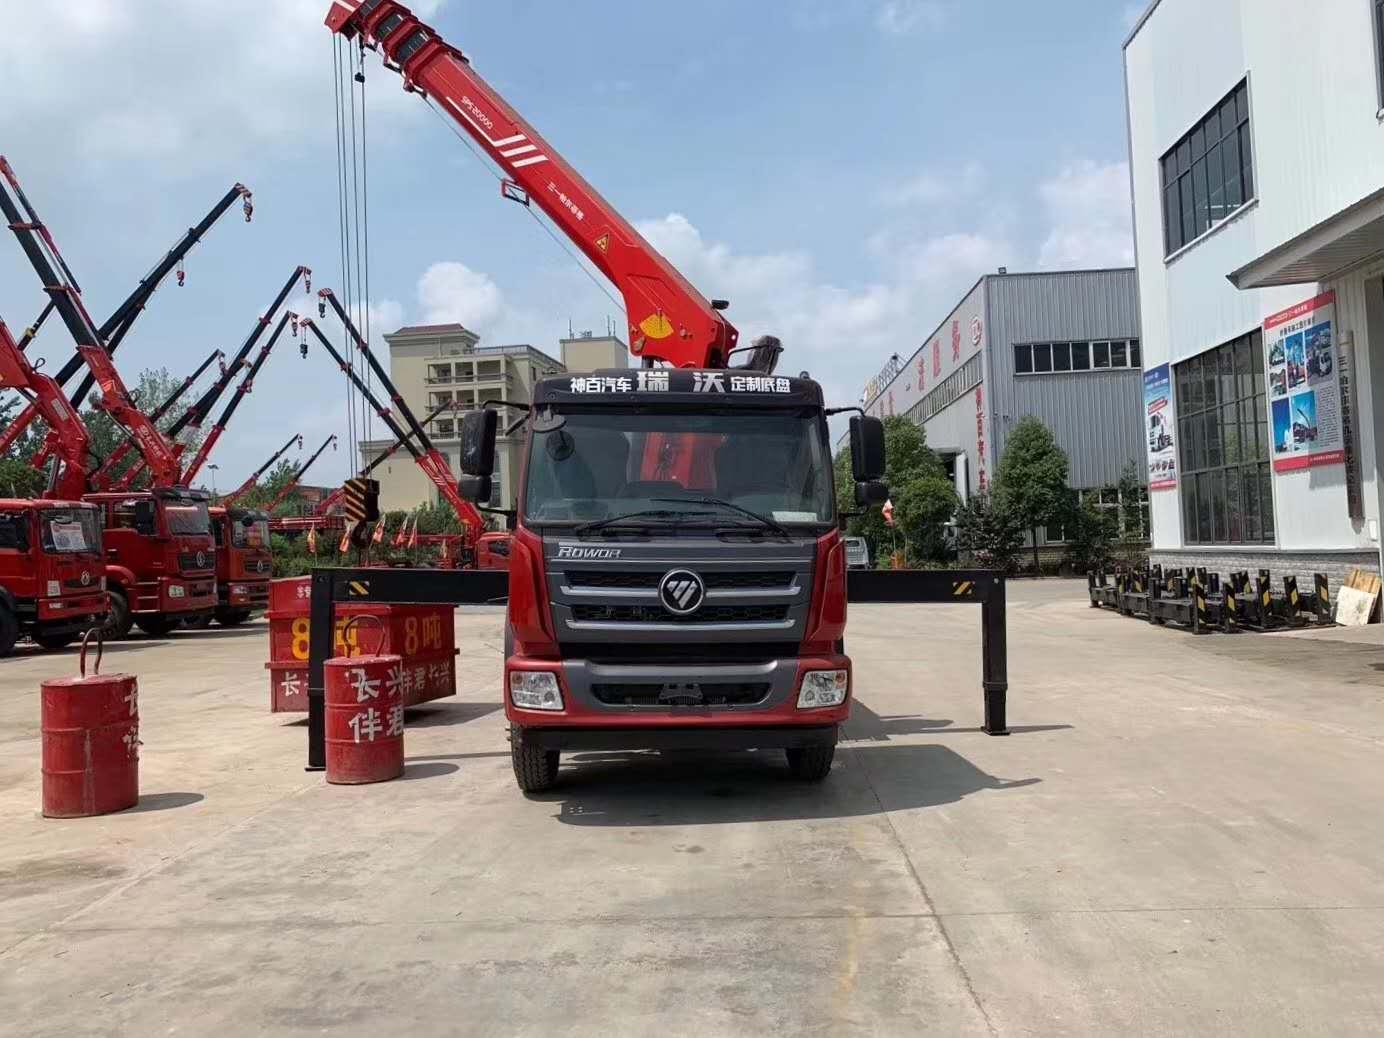 福田瑞沃8吨随车吊,配三一高端吊机图片